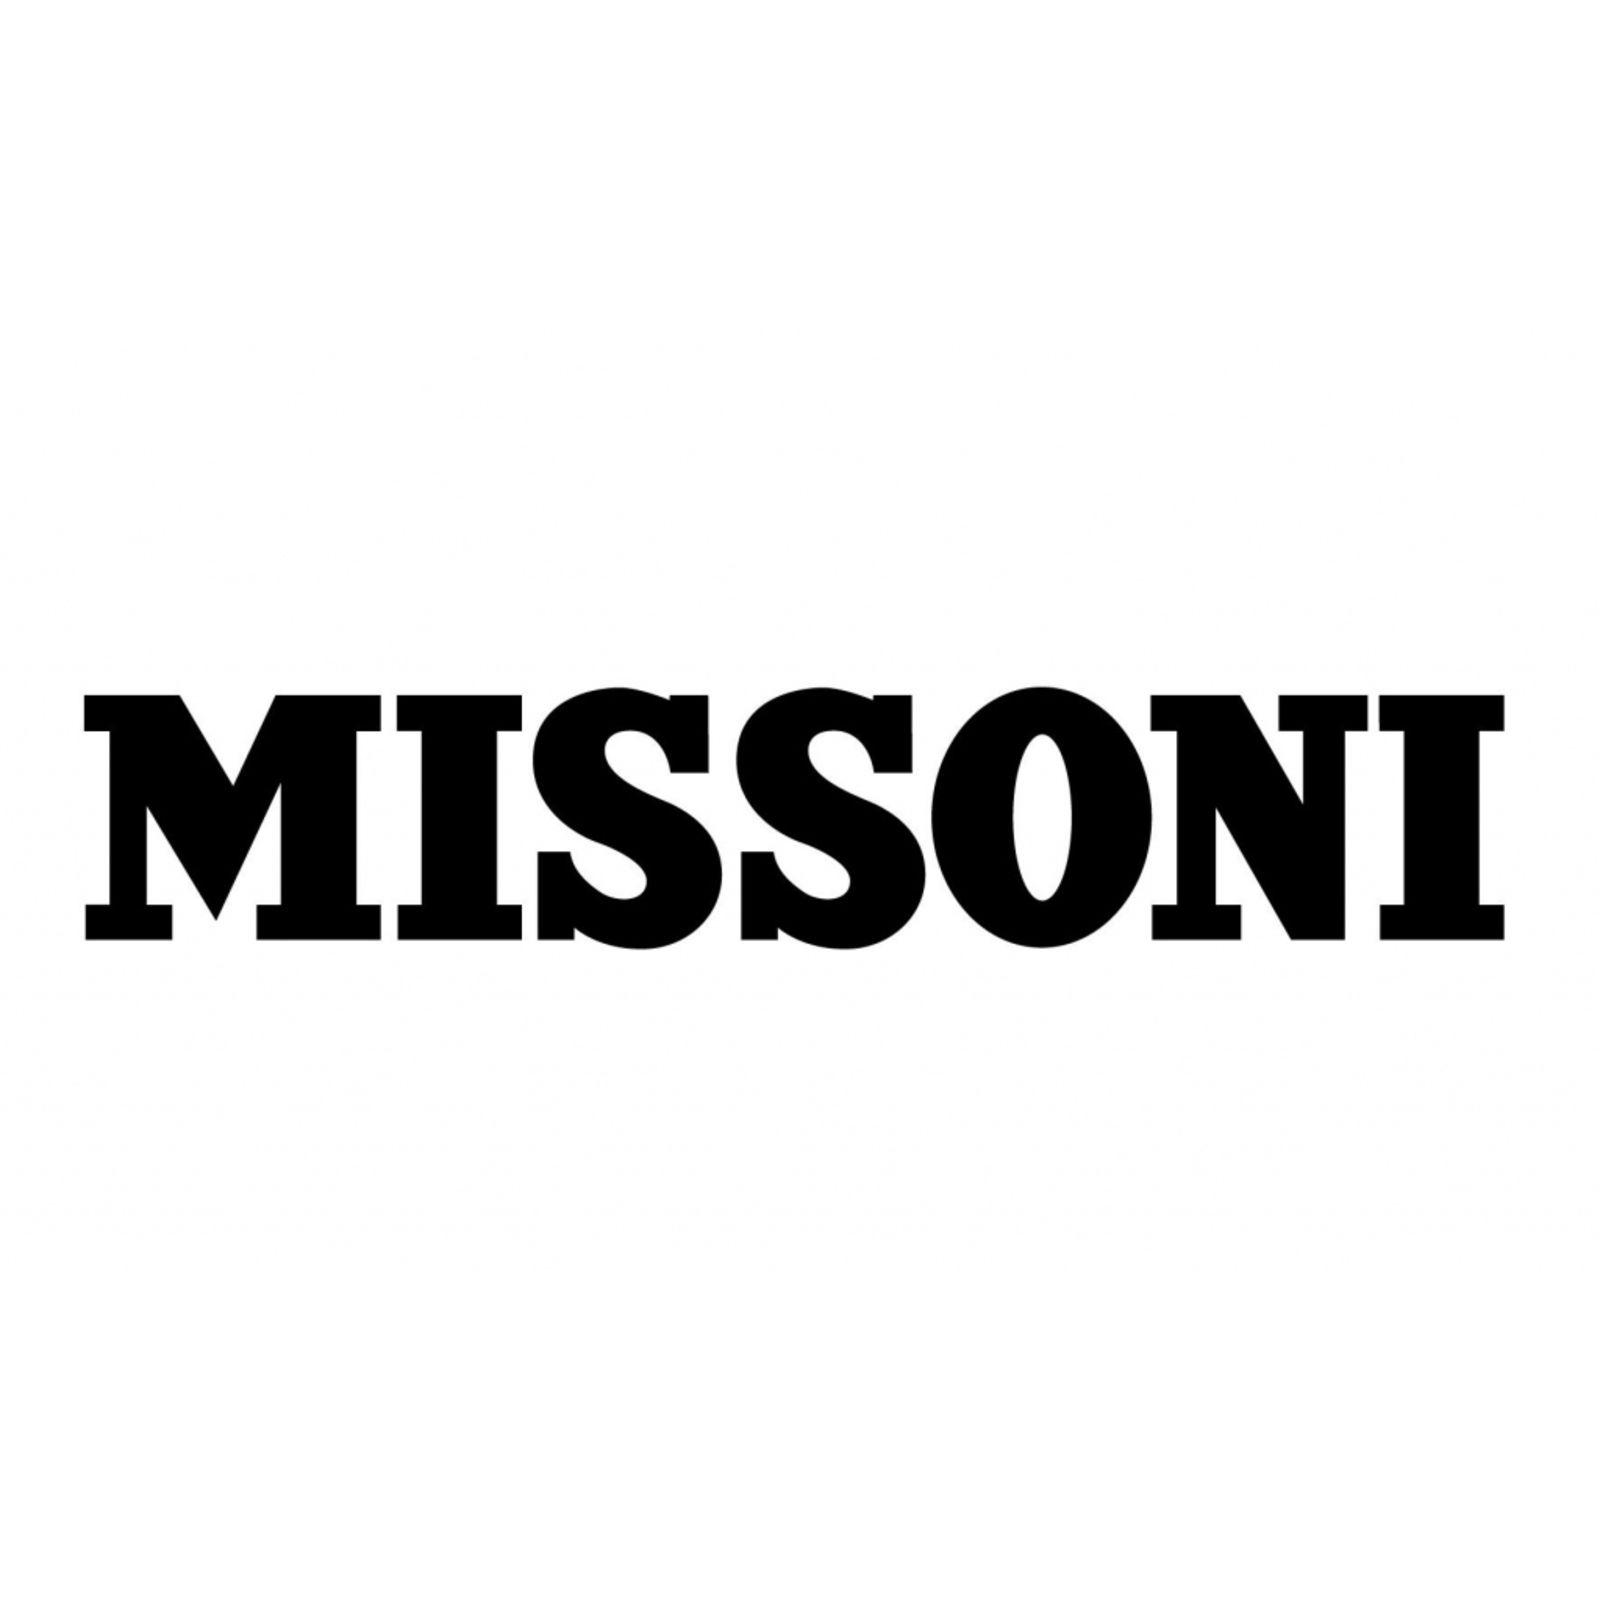 MISSONI (Bild 1)